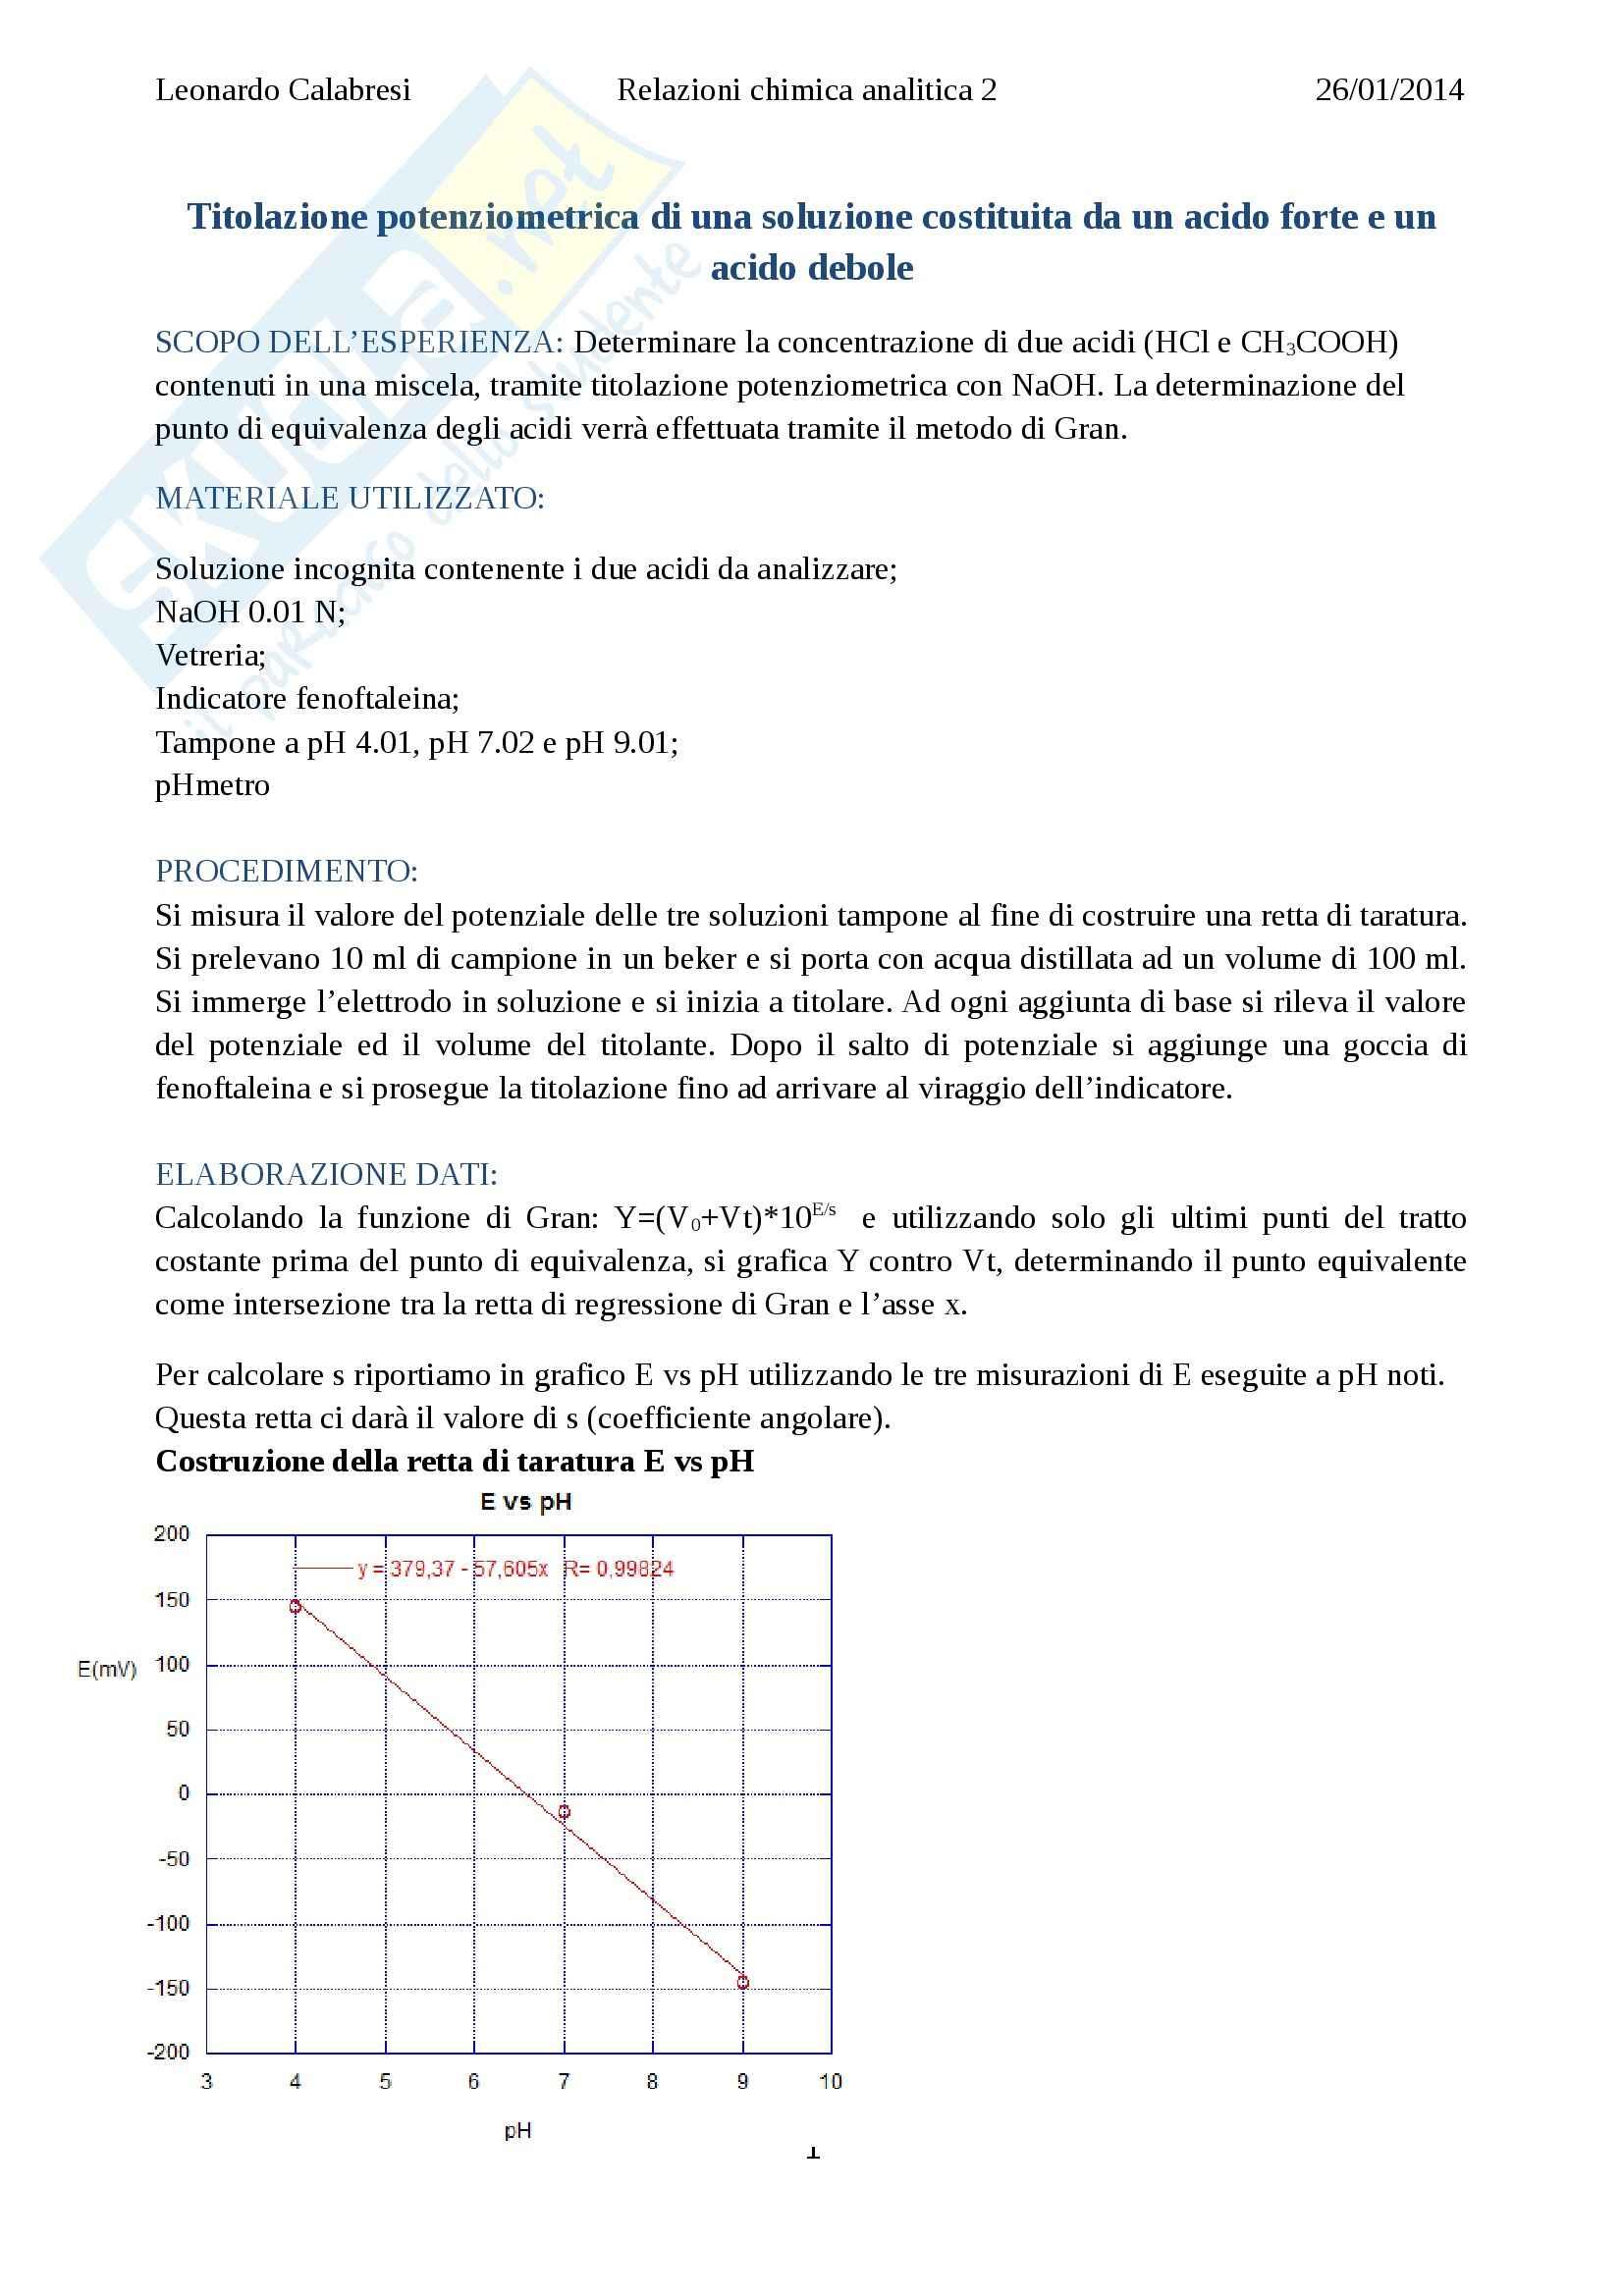 Relazione titolazione potenziometrica acido forte acido debole, Chimica analitica II